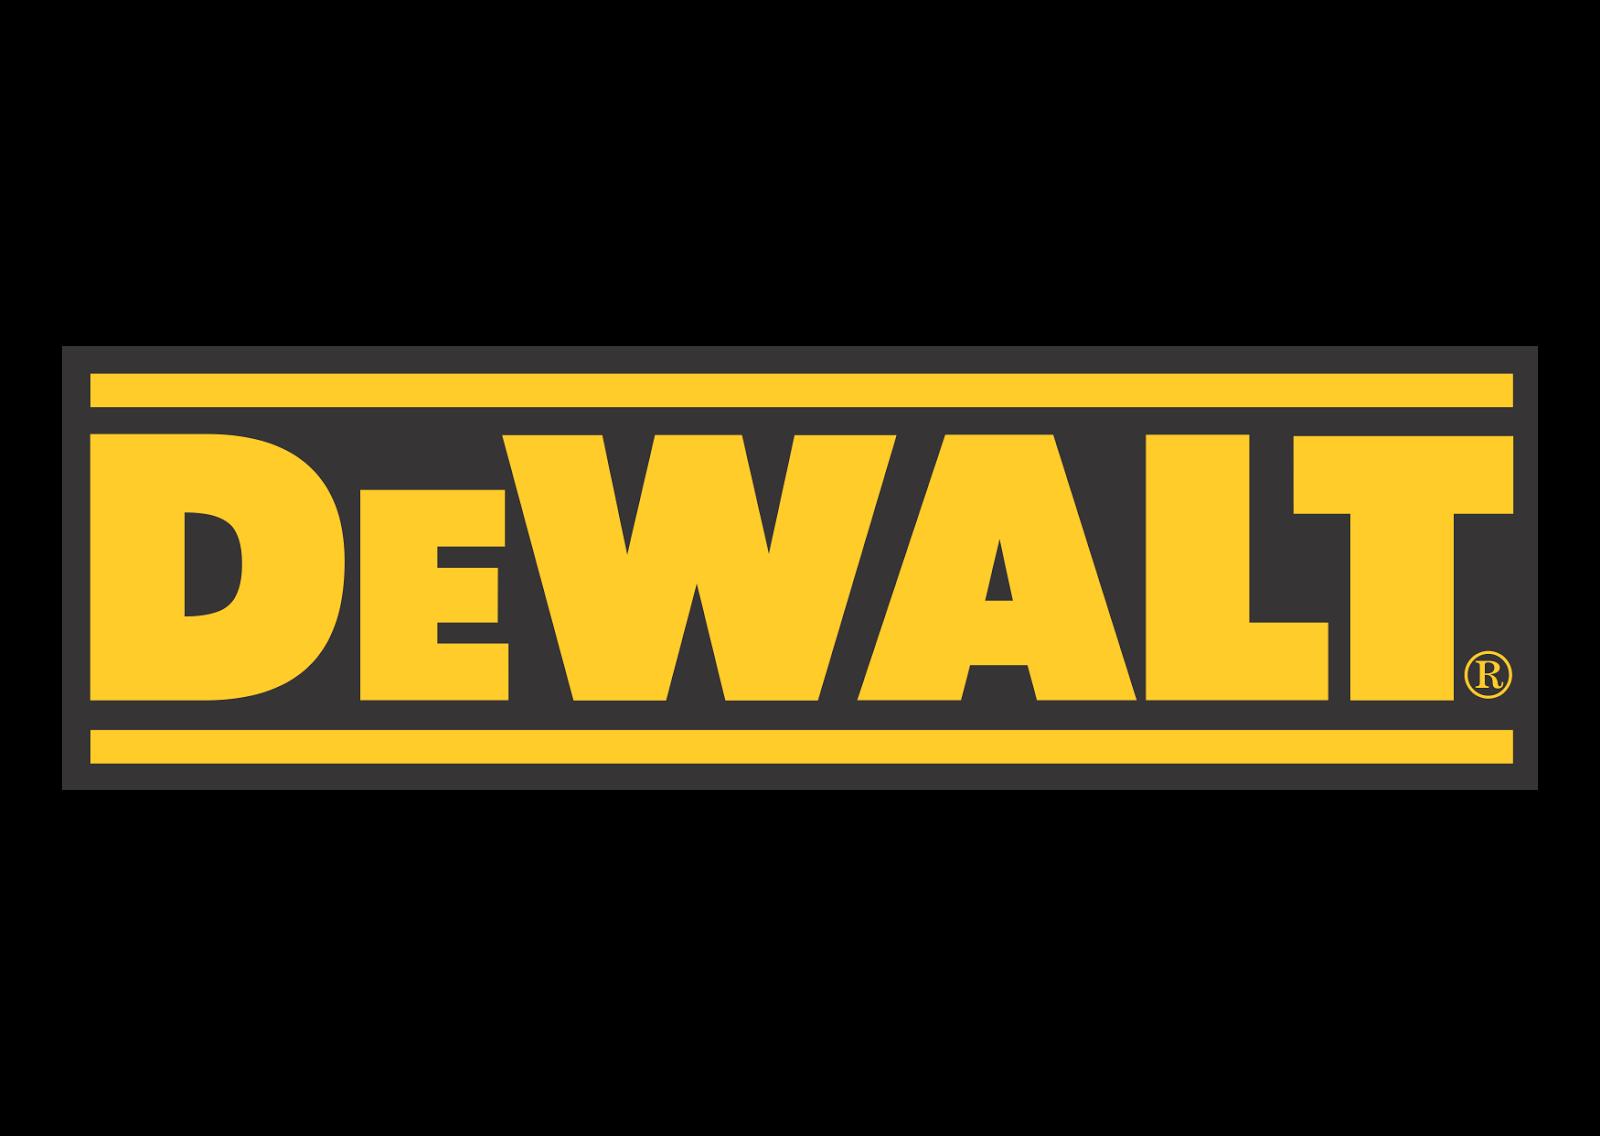 Dewalt Logo Vector Free Vector Logos Download Dewalt Dewalt Tools Dewalt Power Tools